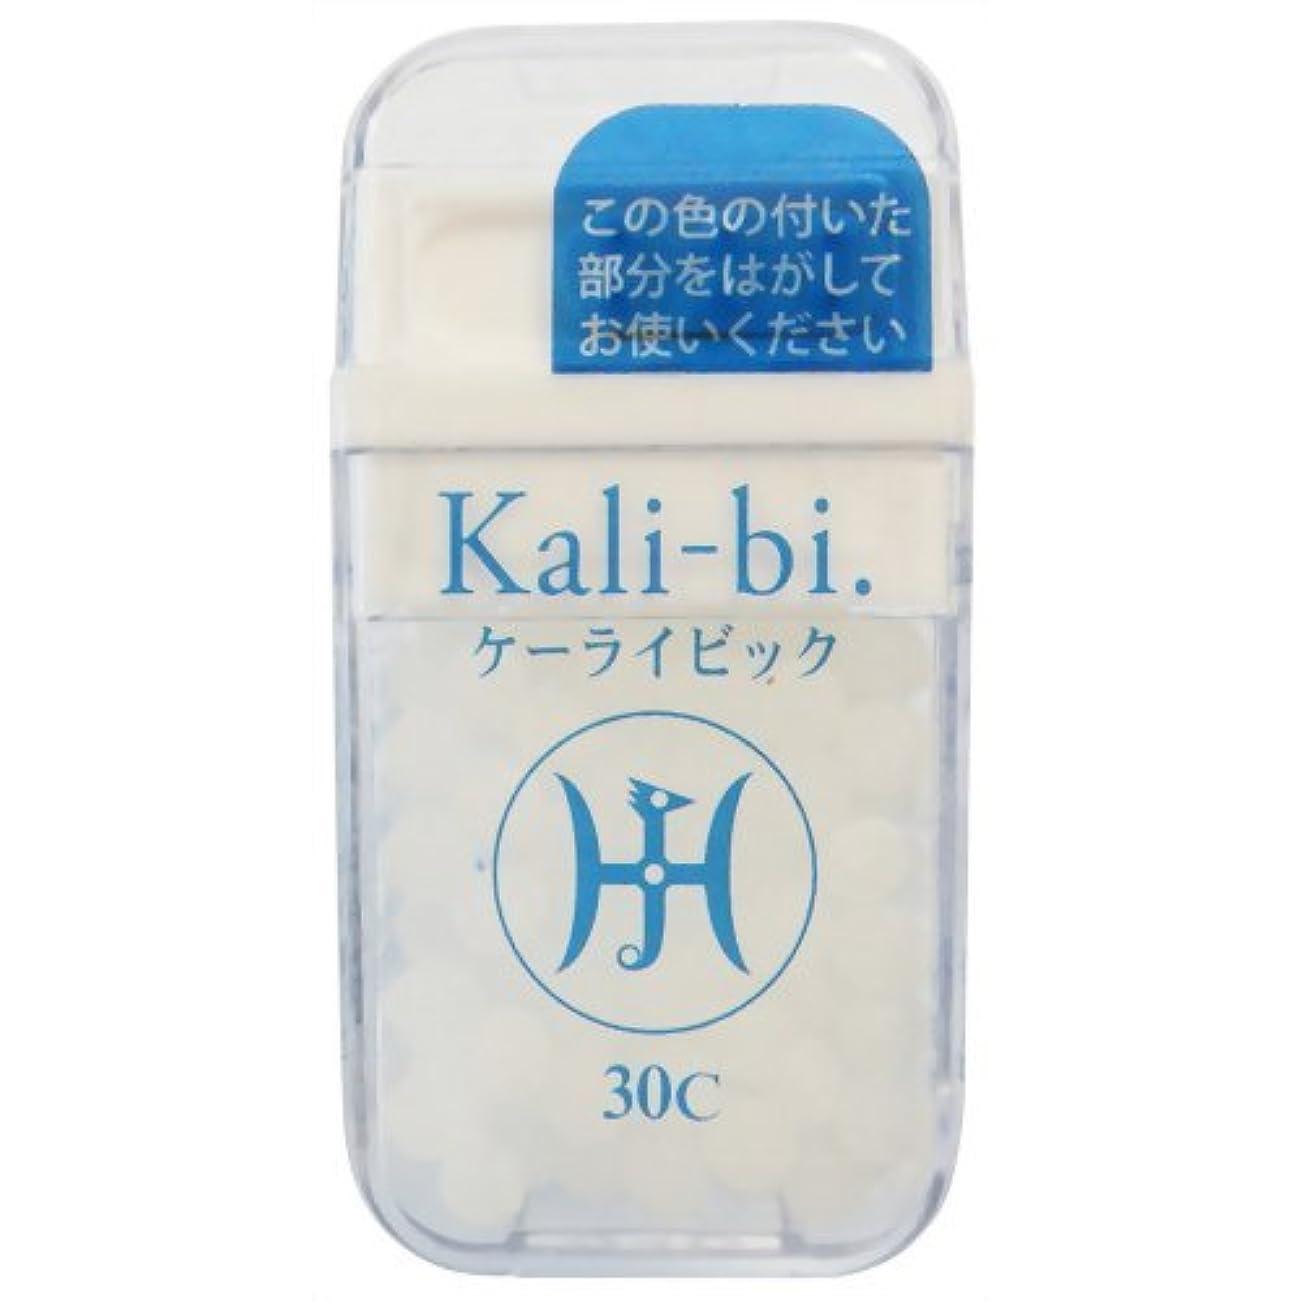 変装したと肉のホメオパシージャパンレメディー Kali-bi.  ケーライビック 30C (大ビン)